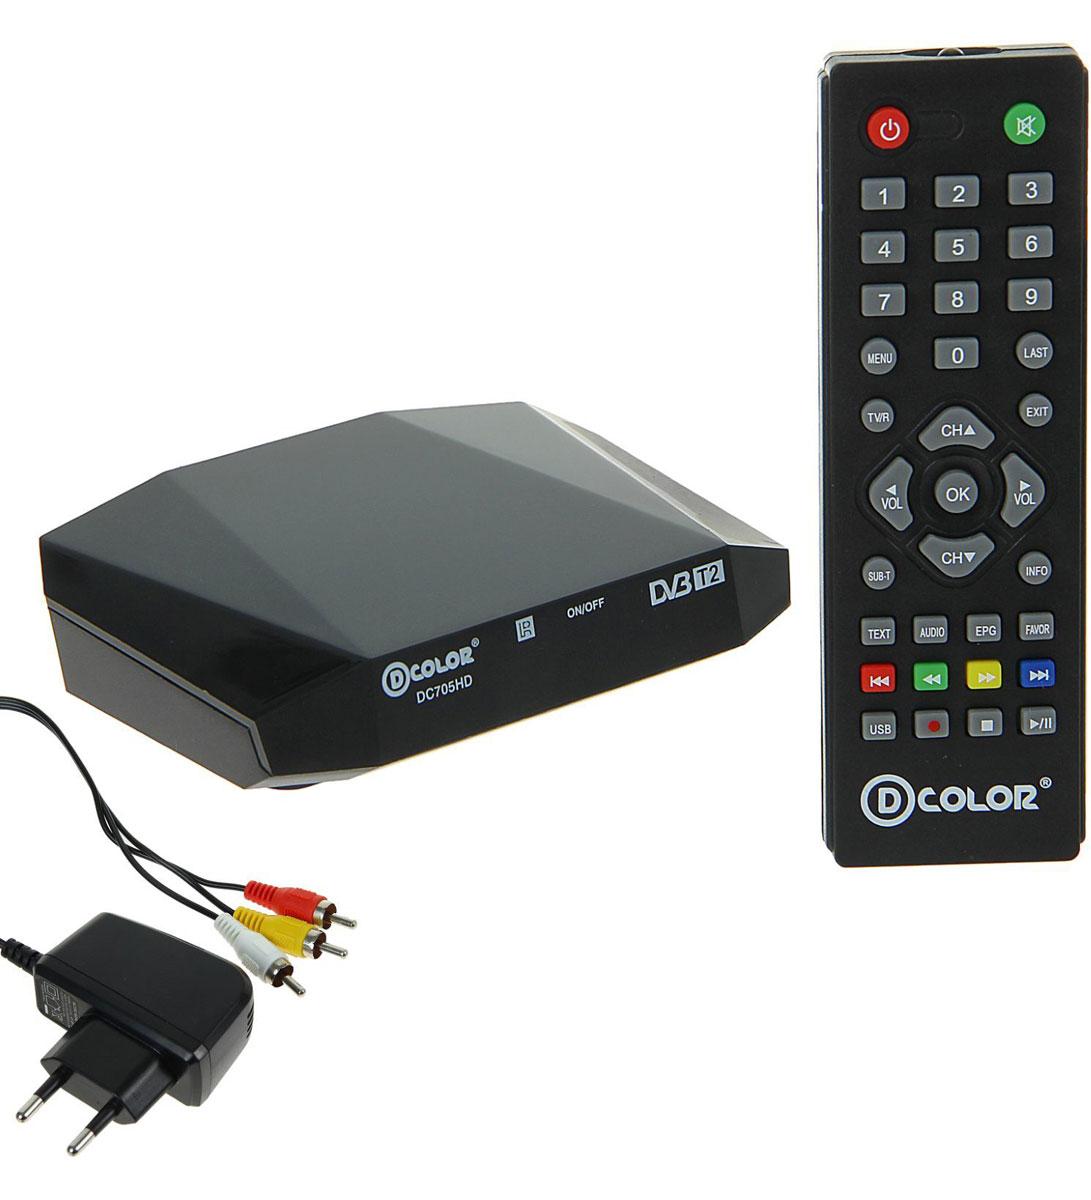 D-Color DC705HD DVB-T2 цифровой ТВ-тюнер4603725280878Цифровой ТВ-тюнер D-Color DC705HD отвечает всем самым современным требованиям к цифровым ресиверам. Новейшее ПО и качественные комплектующие позволяют передавать четкую, яркую, сочную картинку даже в самых отдаленных регионах России. Процессор: Ali 3821 Тюнер: R836 Тип корпуса: пластик